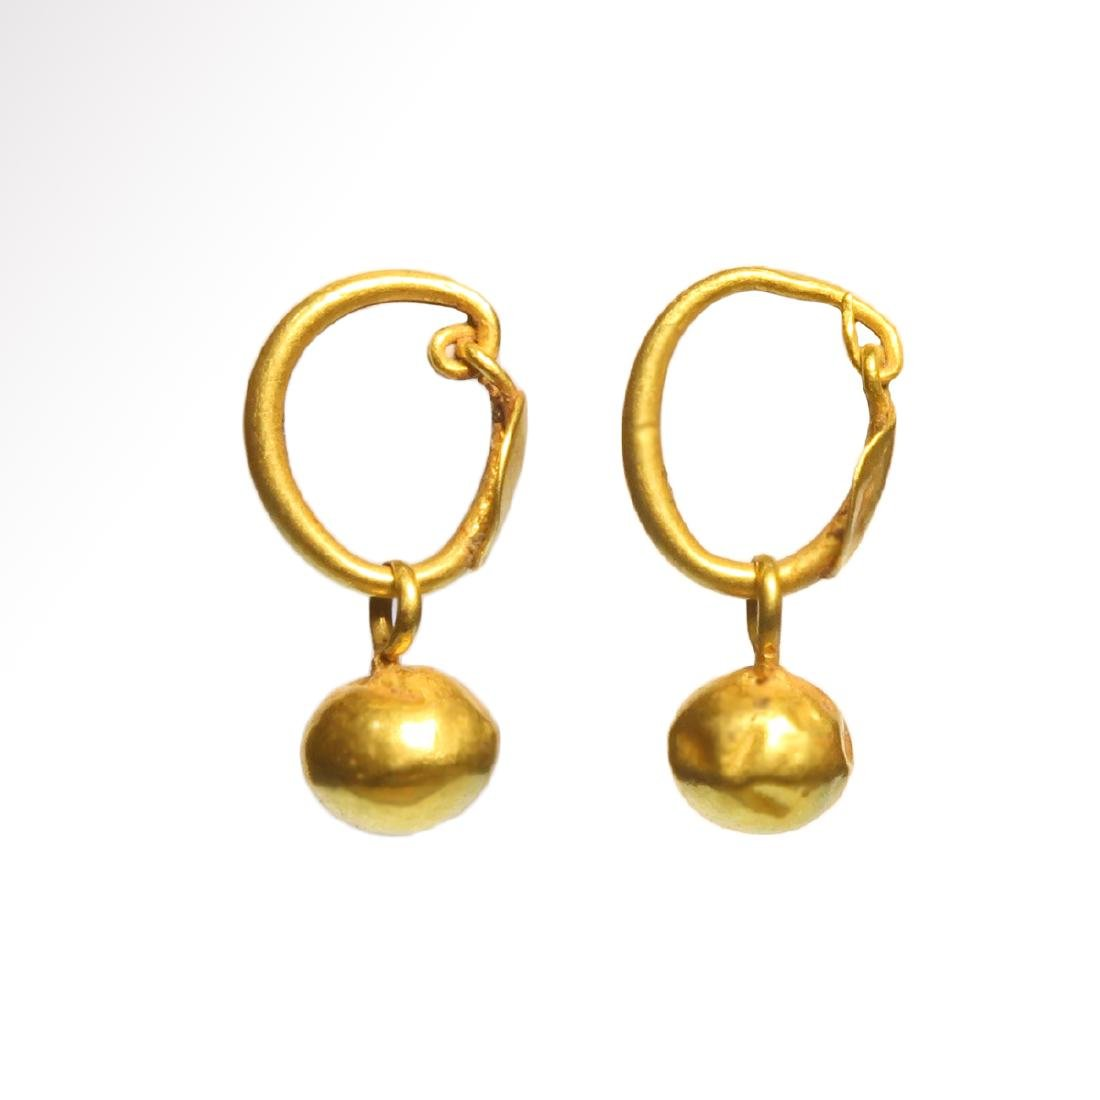 Roman Gold Hoop Earrings with Spherical Drops, c. 1st - - 2